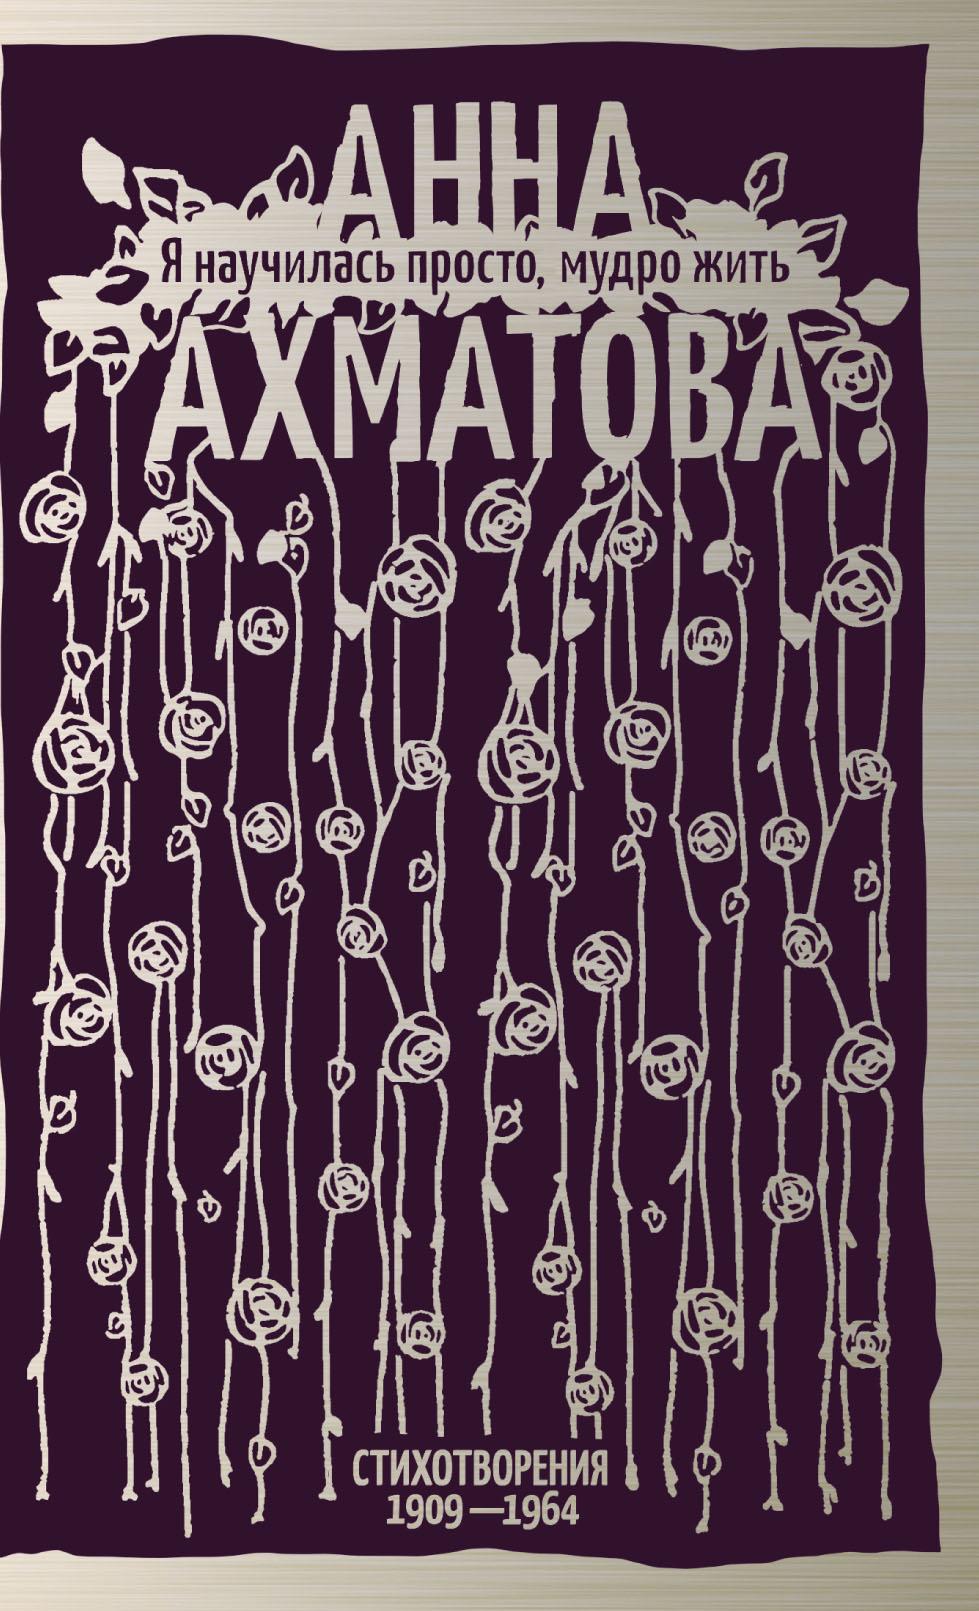 Анна Ахматова Я научилась просто, мудро жить. Стихотворения 1909–1964